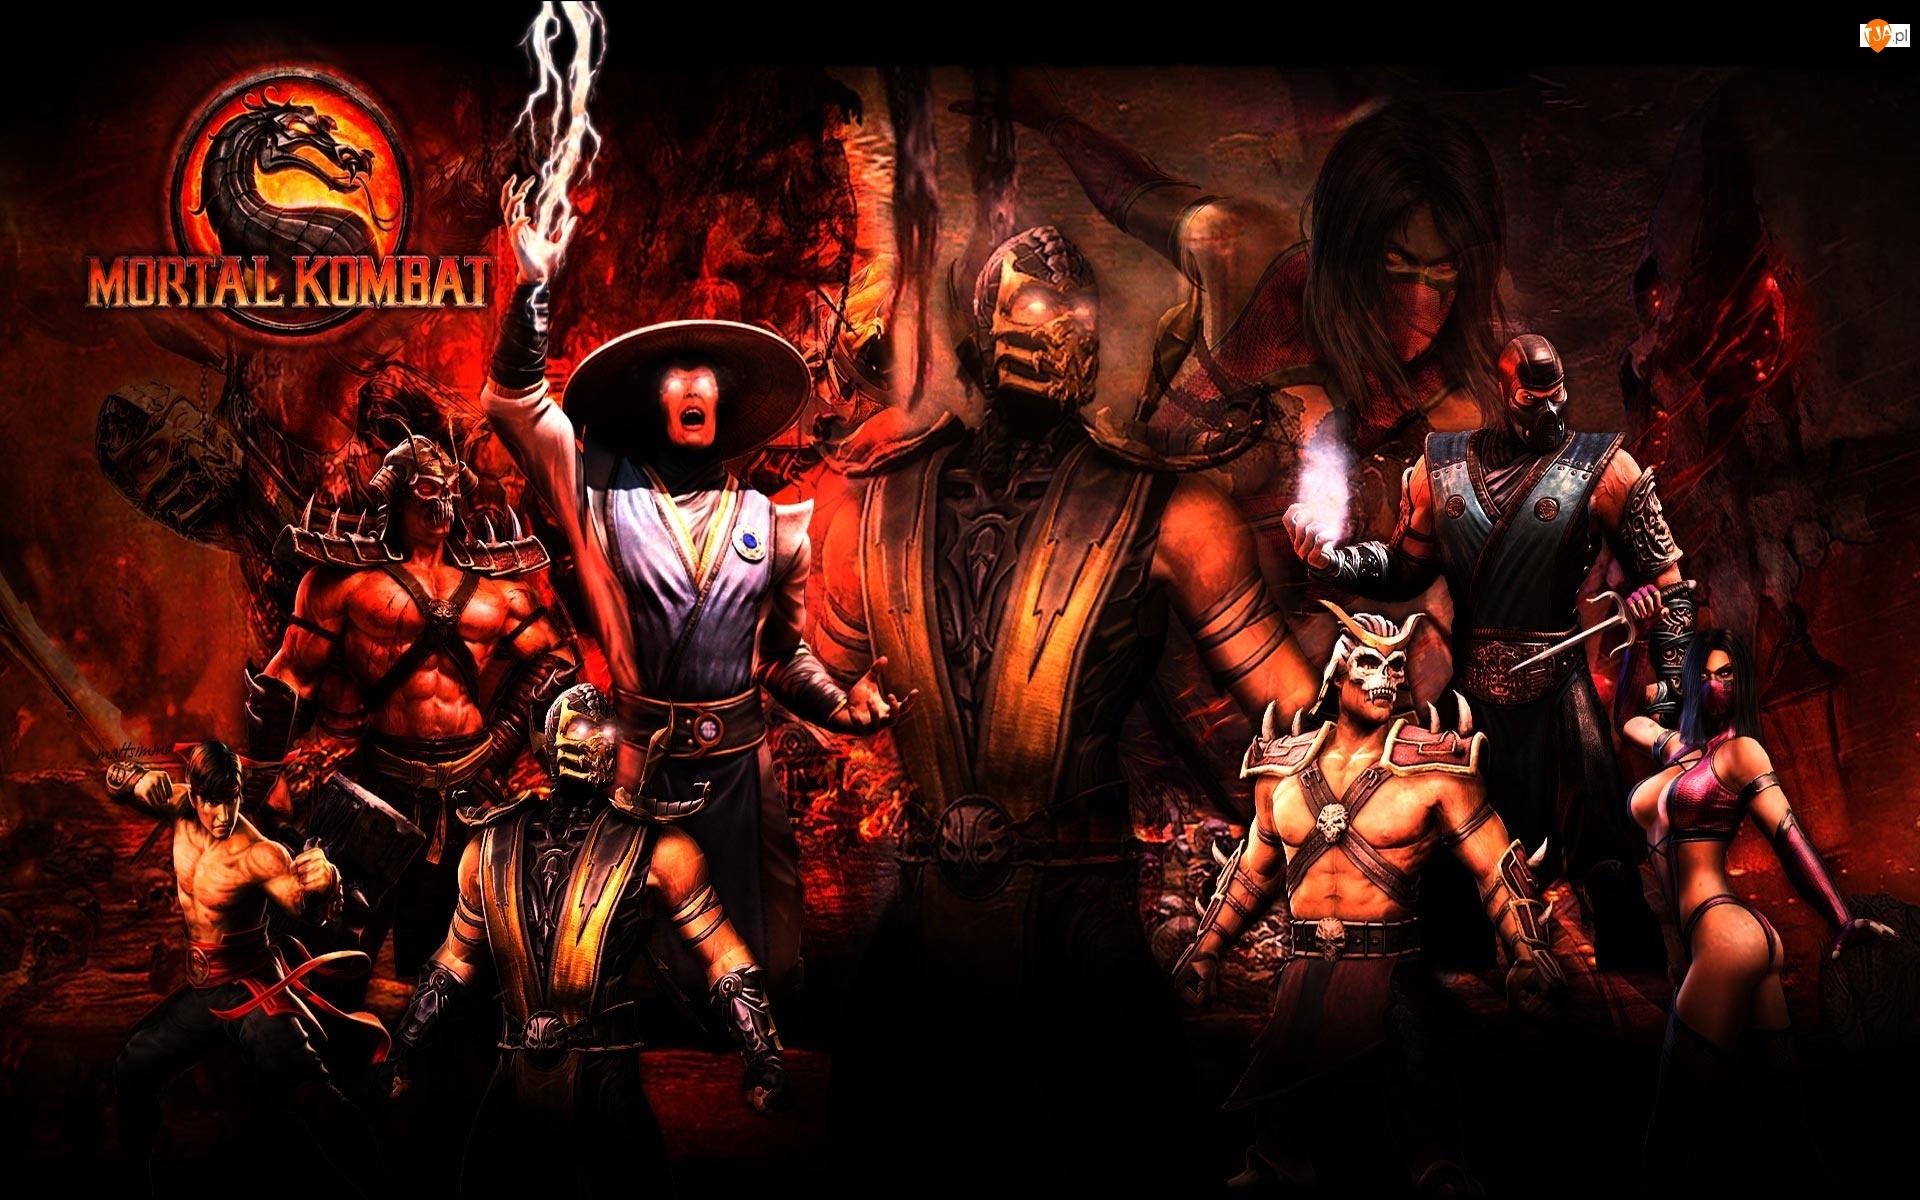 Bronie, Podziemia, Mortal Kombat, Wojownicy, Magia